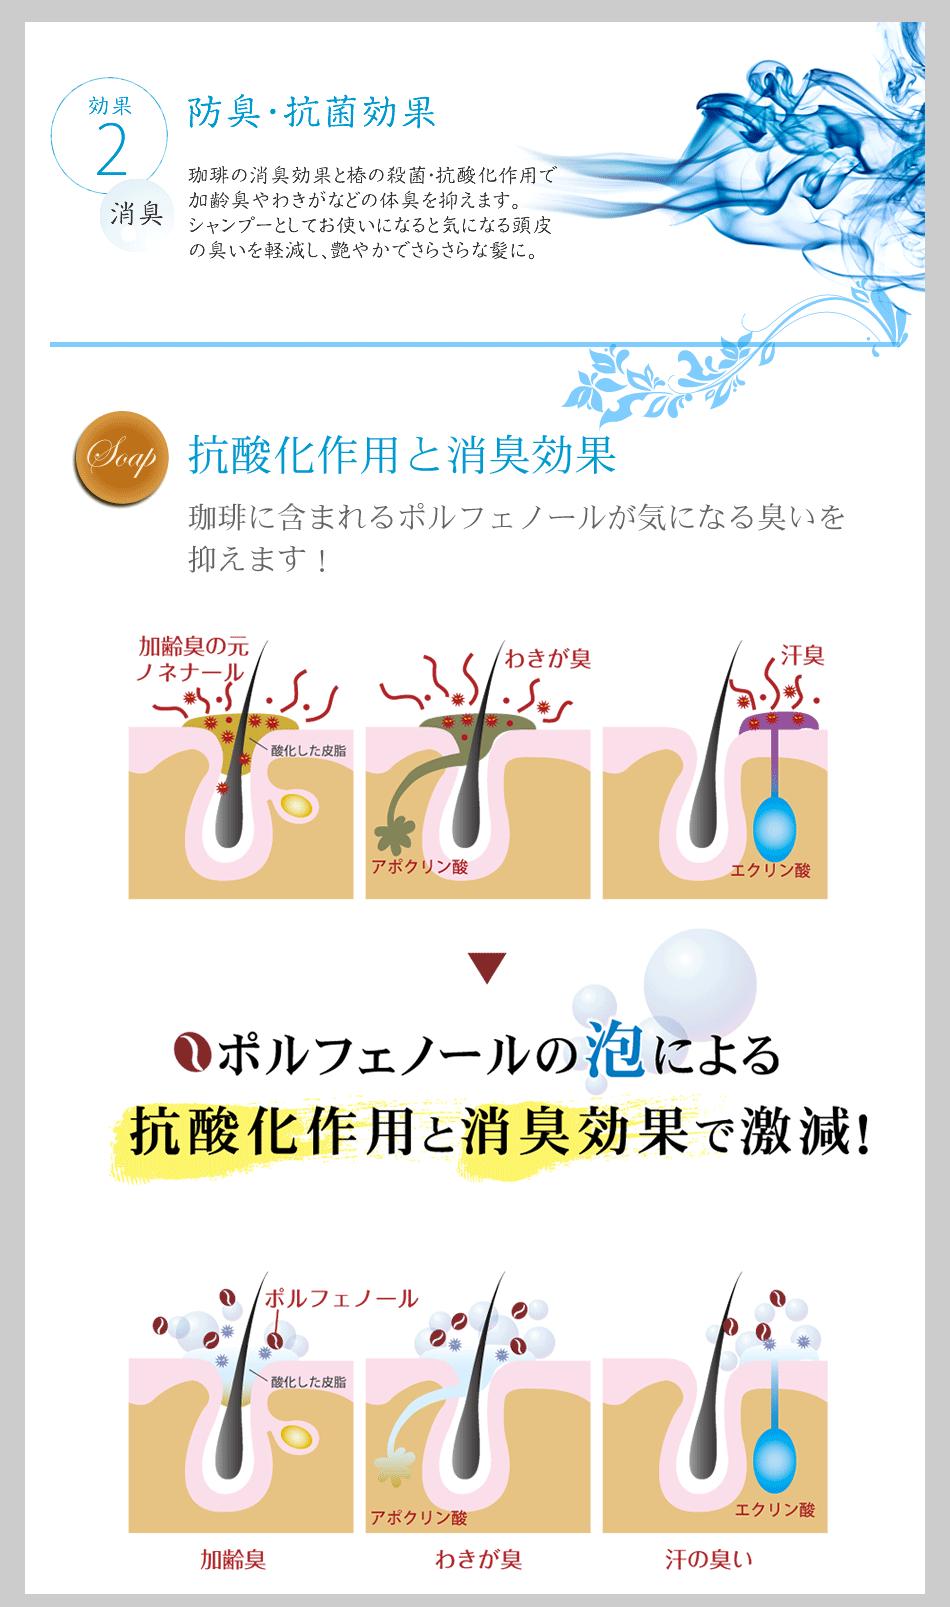 2.防臭・抗菌効果 抗酸化作用と消臭効果 珈琲に含まれるポルフェノールが気になる臭いを抑えます!